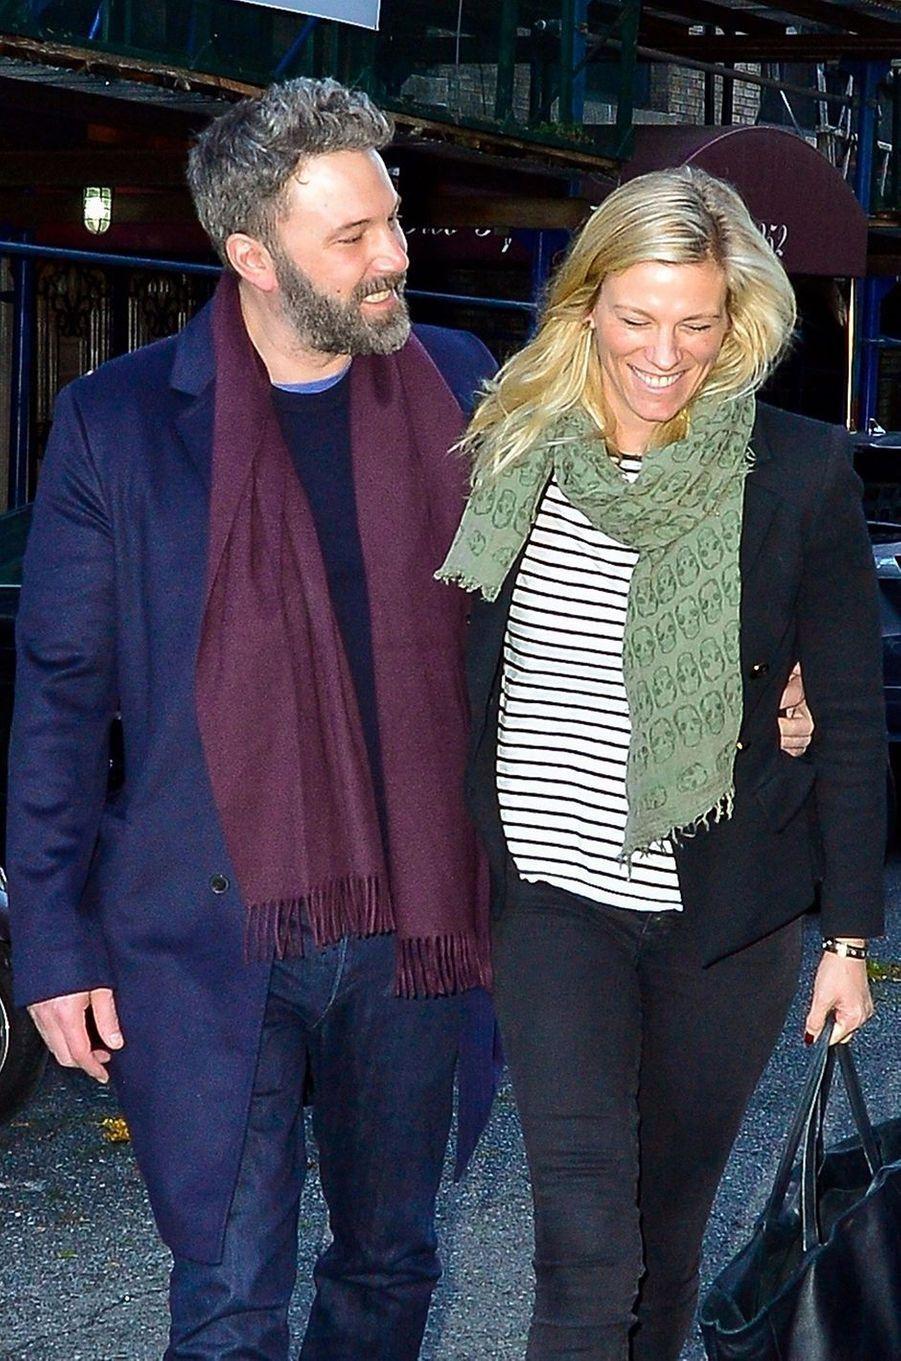 Ben Afleck et Lindsay Shookus, productrice du «SNL», ont entretenu une relation officielle longue distance entre 2017 et 2018. Ils s'étaient aussi rencontrés sur le plateau de l'émission de divertissement, l'acteur ayant animé le show cinq fois depuis 2000.